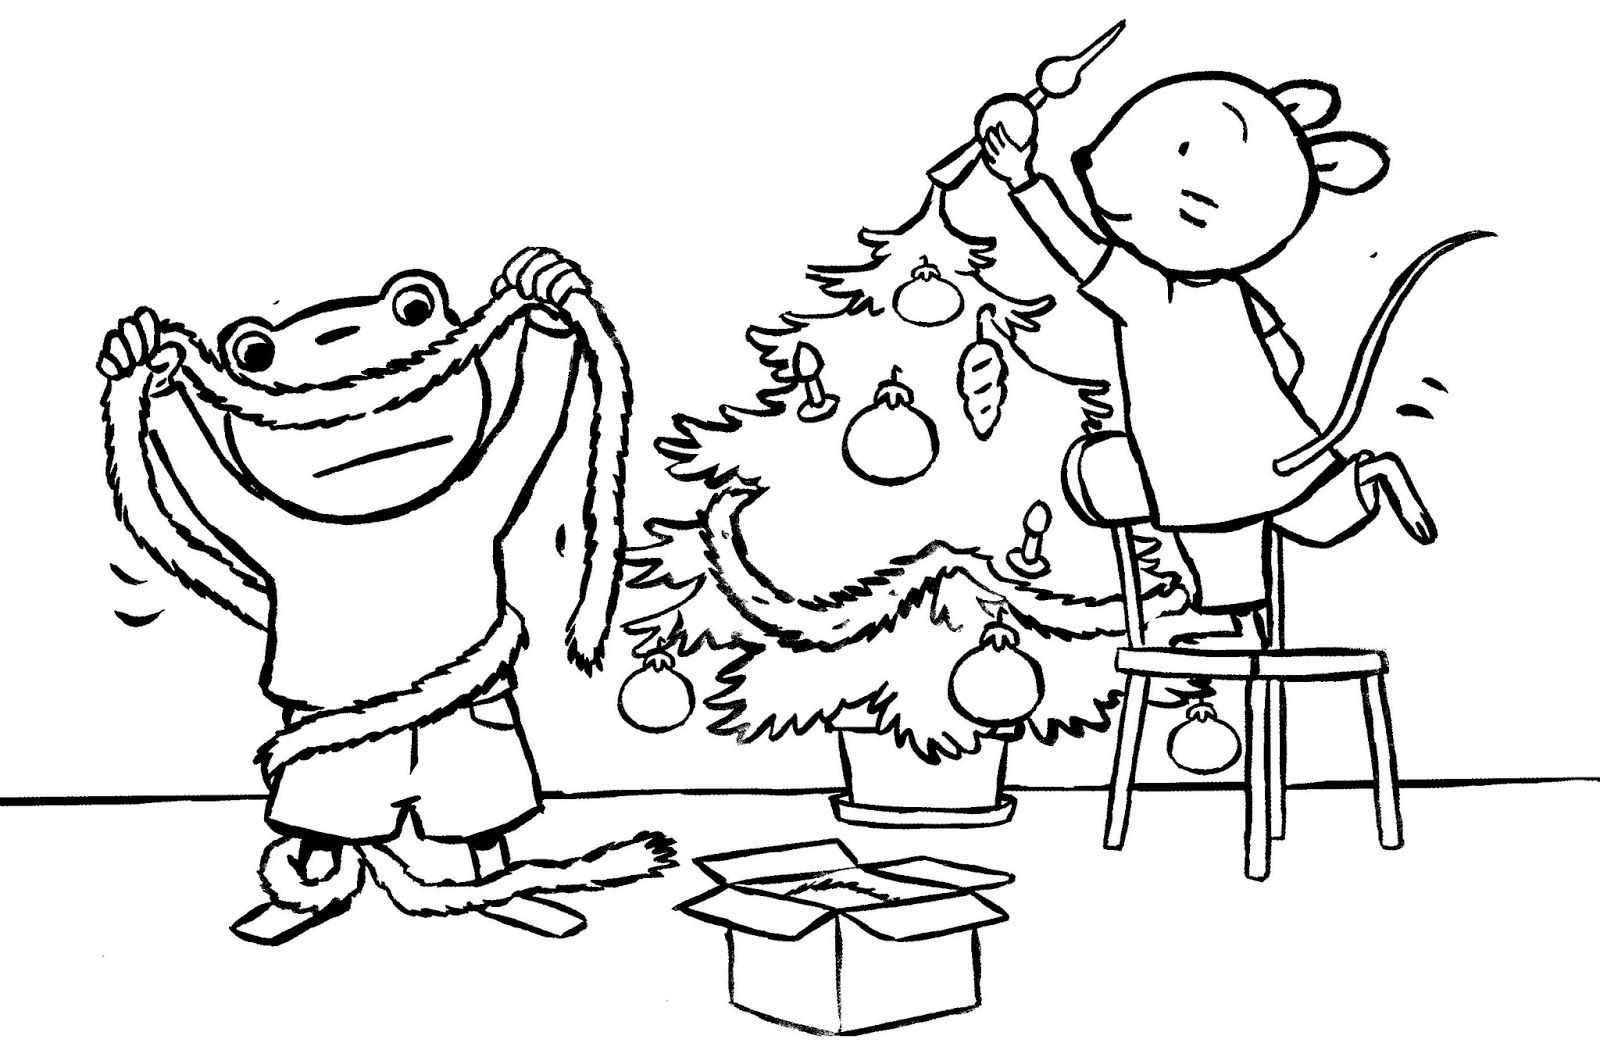 nellie en c 233 zar versieren de kerstboom thema kerstbomen